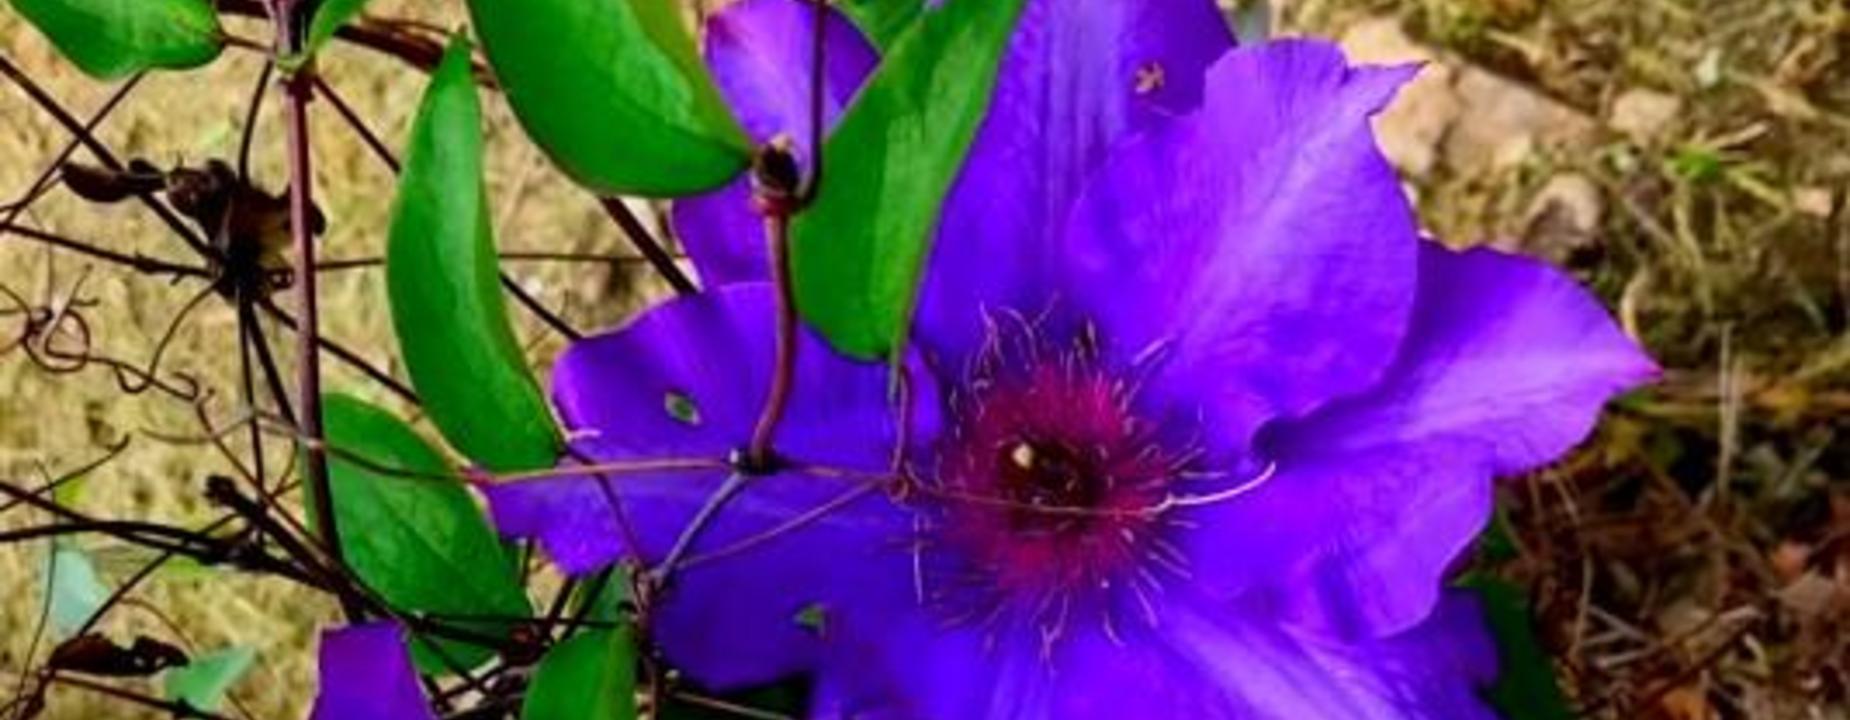 purple vine beauty